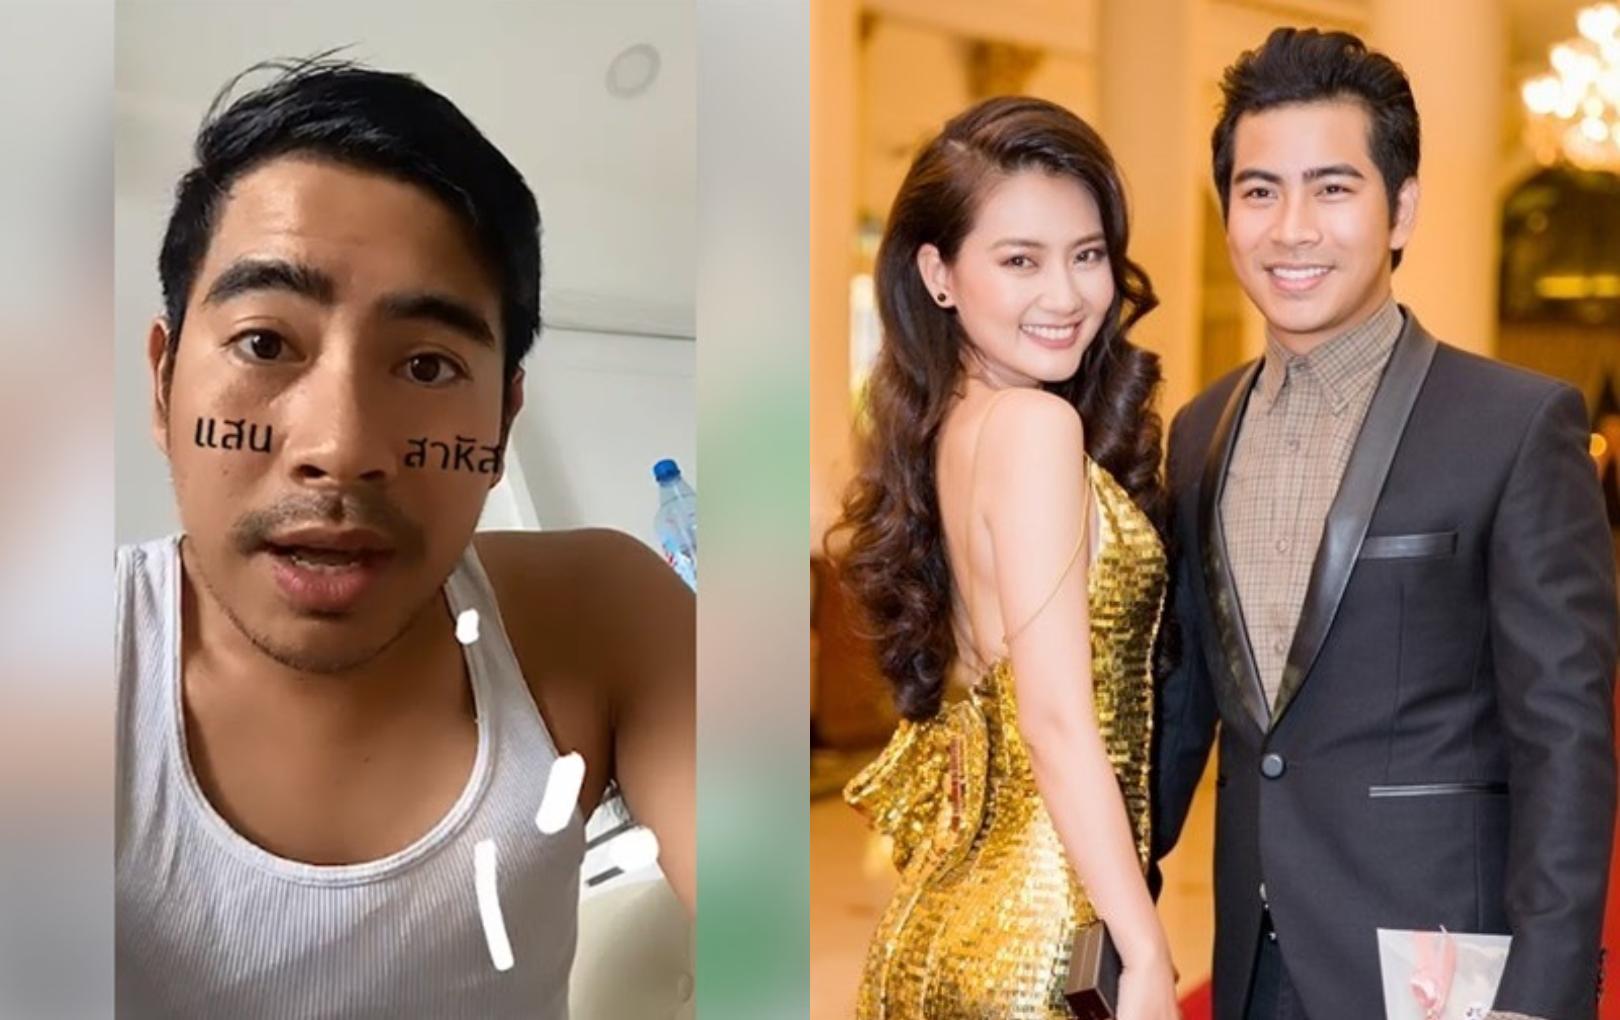 Thanh Bình phản ứng gay gắt khi bị fan 'kém duyên' gặng hỏi chuyện hôn nhân đổ vỡ với Ngọc Lan